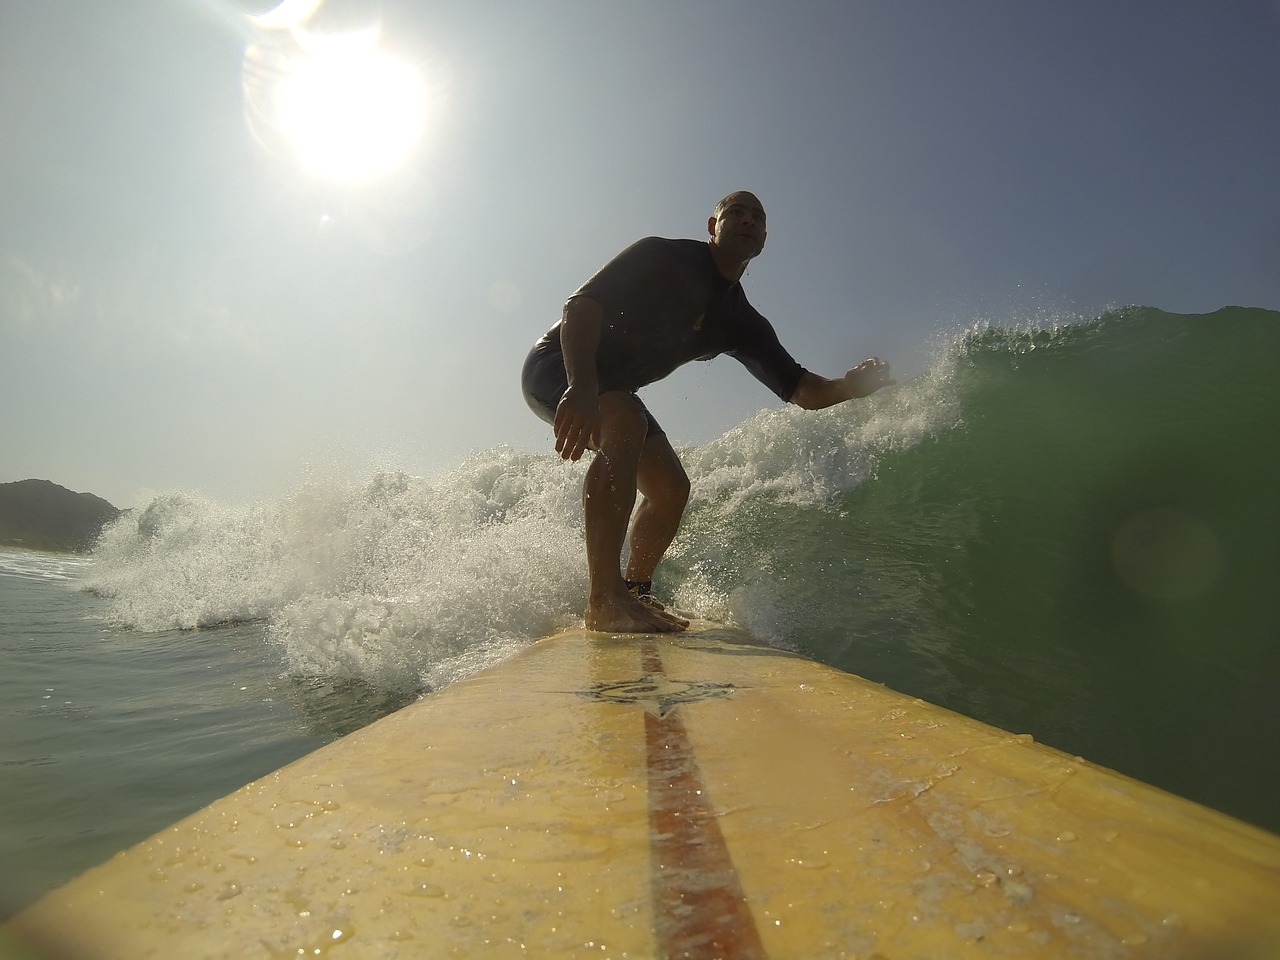 Snowdonia Surfing